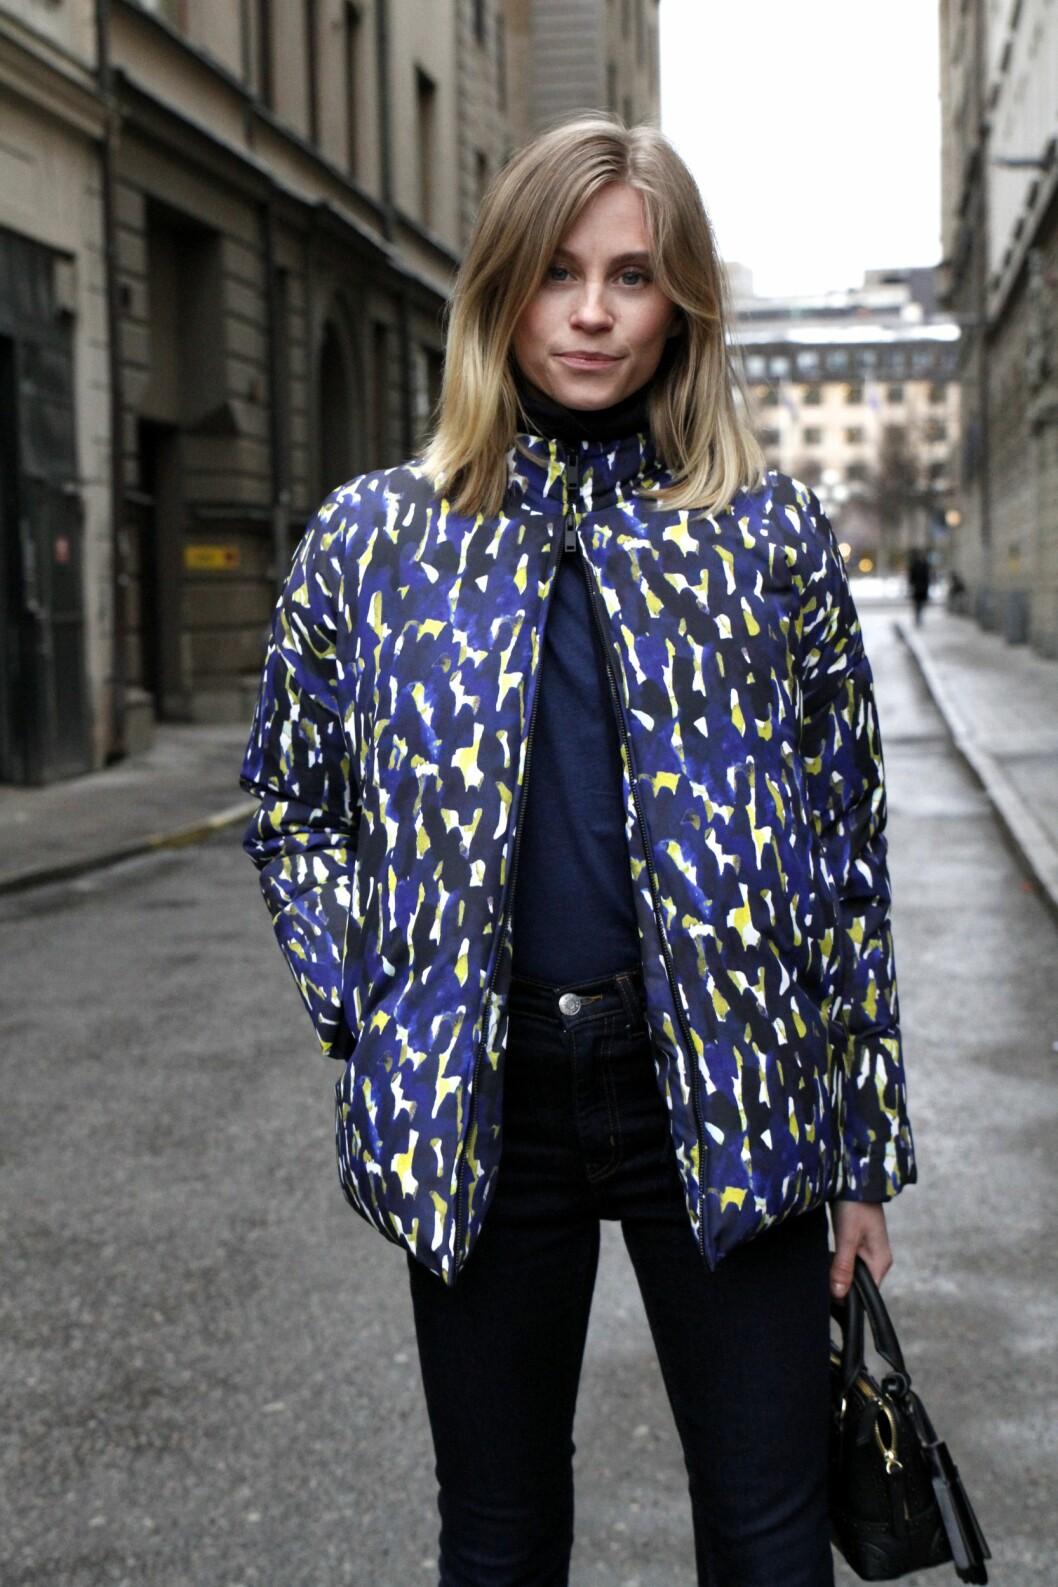 <strong>Hold på varmen og stilen:</strong> En dunjakke er kanskje ikke det mest fasjonable du kan kle deg i, men velger du en mønstret variant i sesongens fineste farger blir du like moteriktig som Tine Andrea.  Foto: Darja Barannik